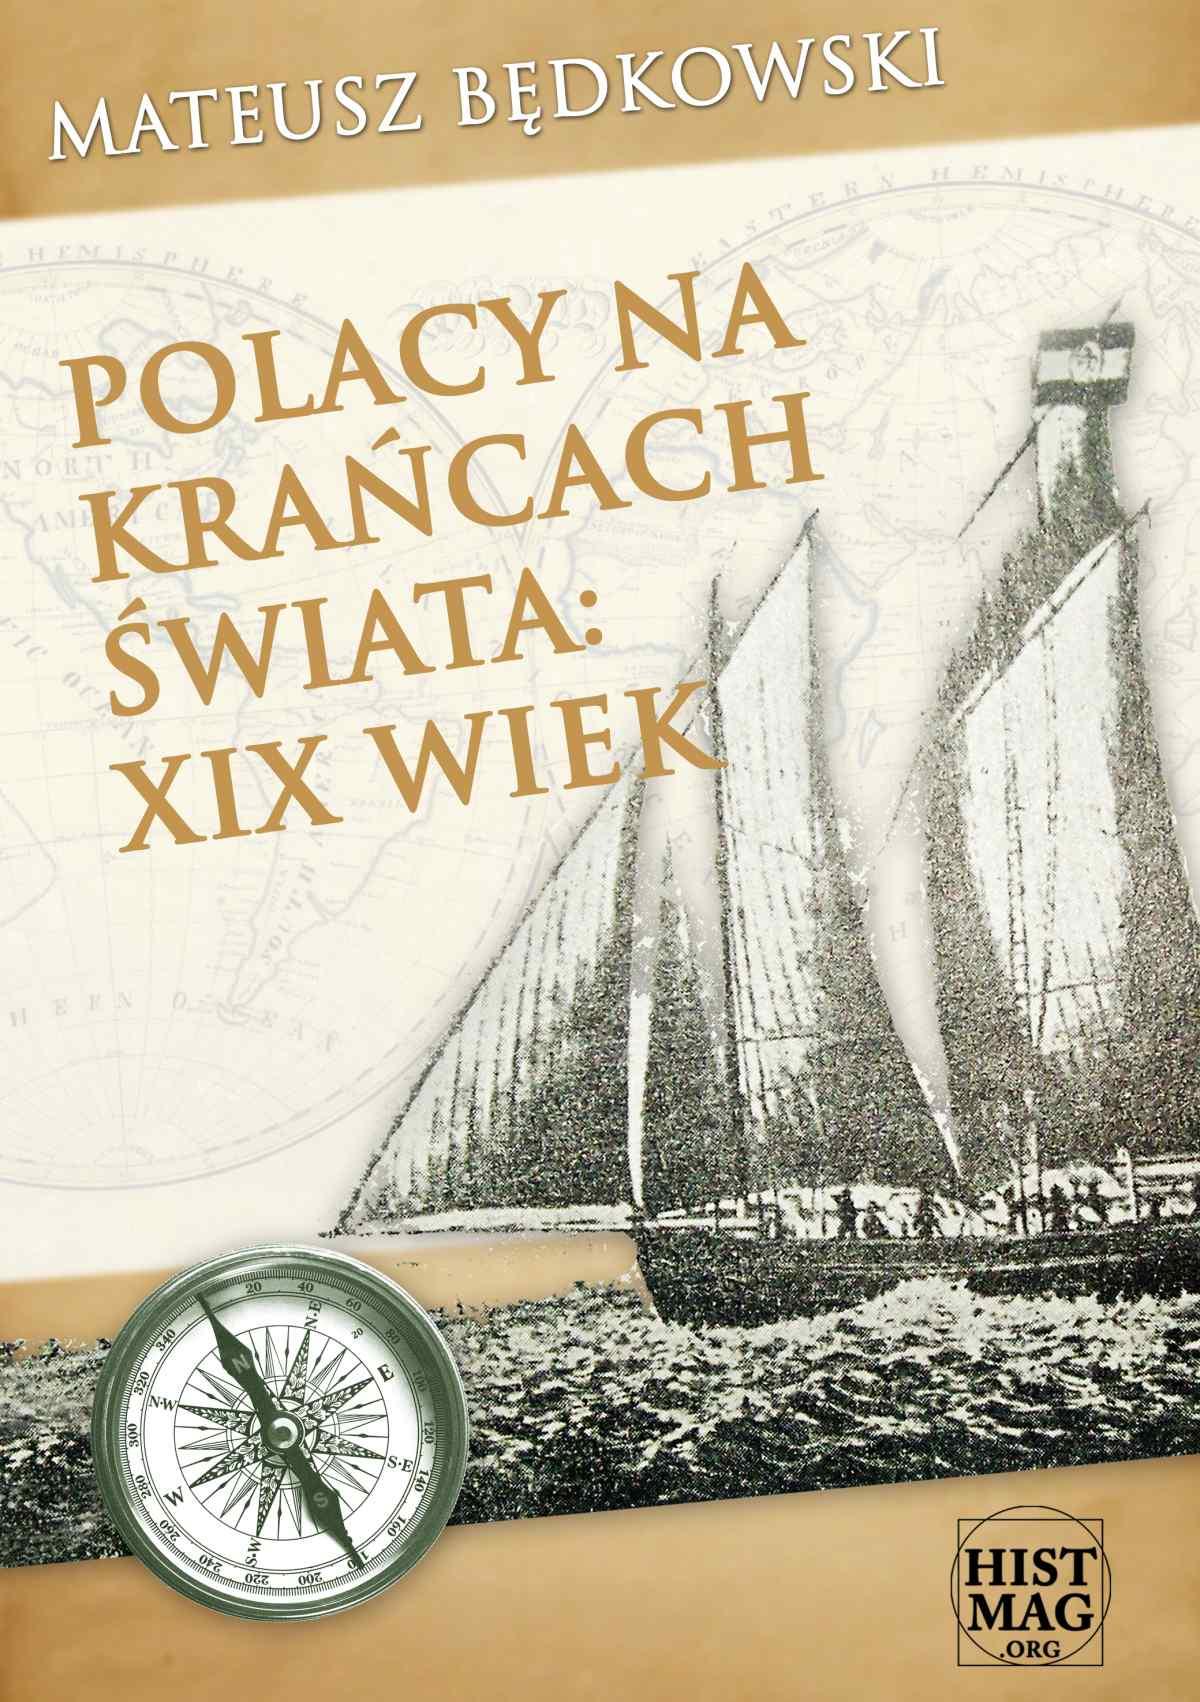 Polacy na krańcach świata: XIX wiek - Ebook (Książka EPUB) do pobrania w formacie EPUB